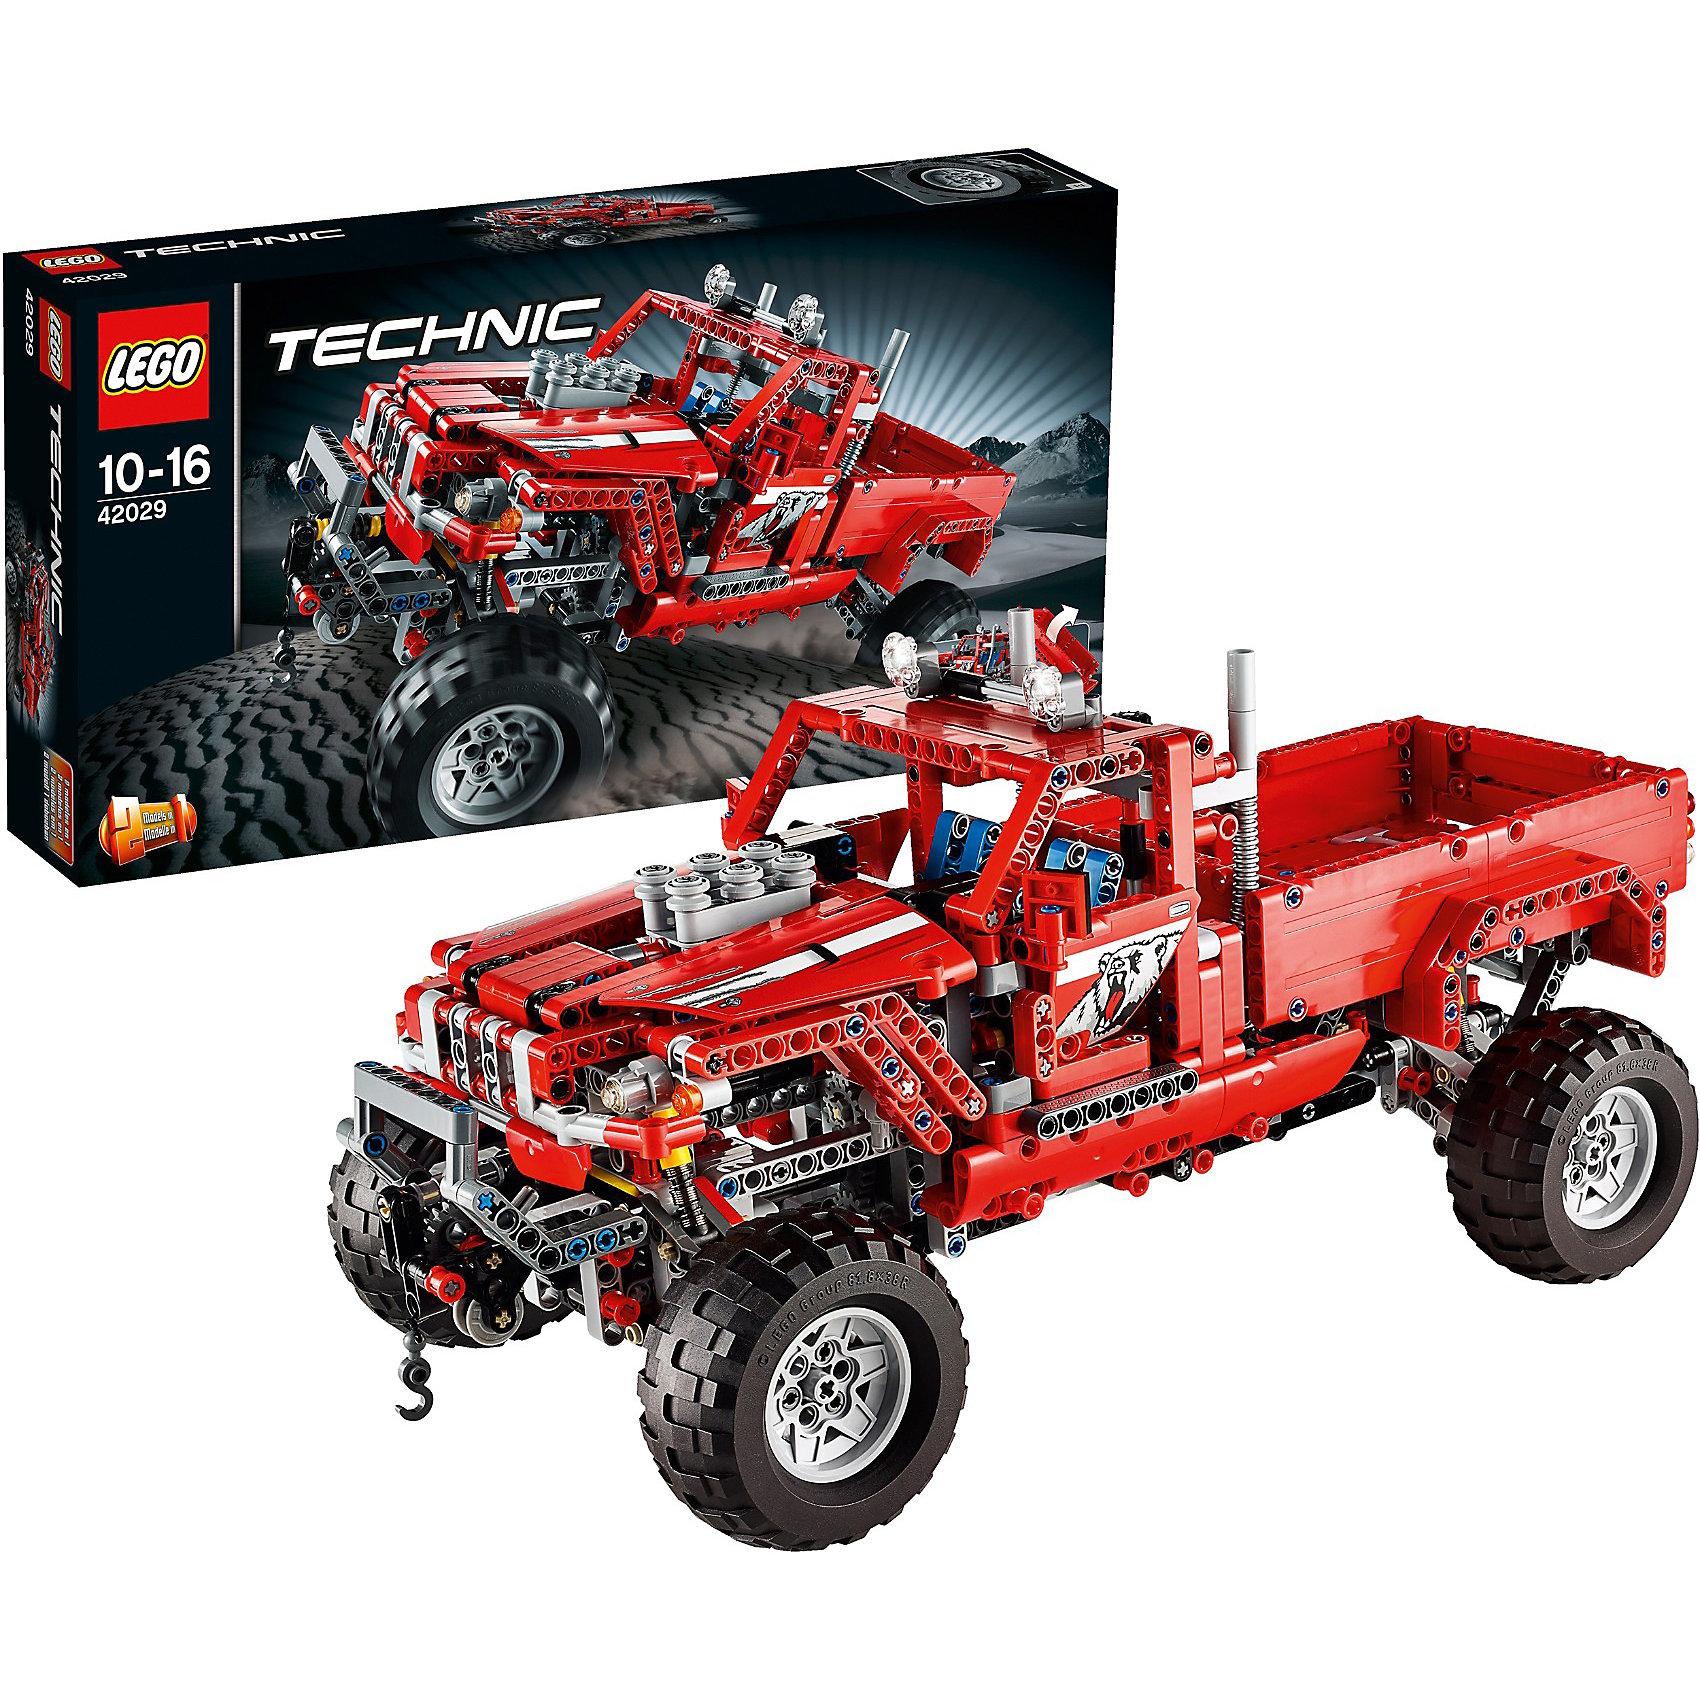 LEGO Technic 42029: Тюнингованный пикап